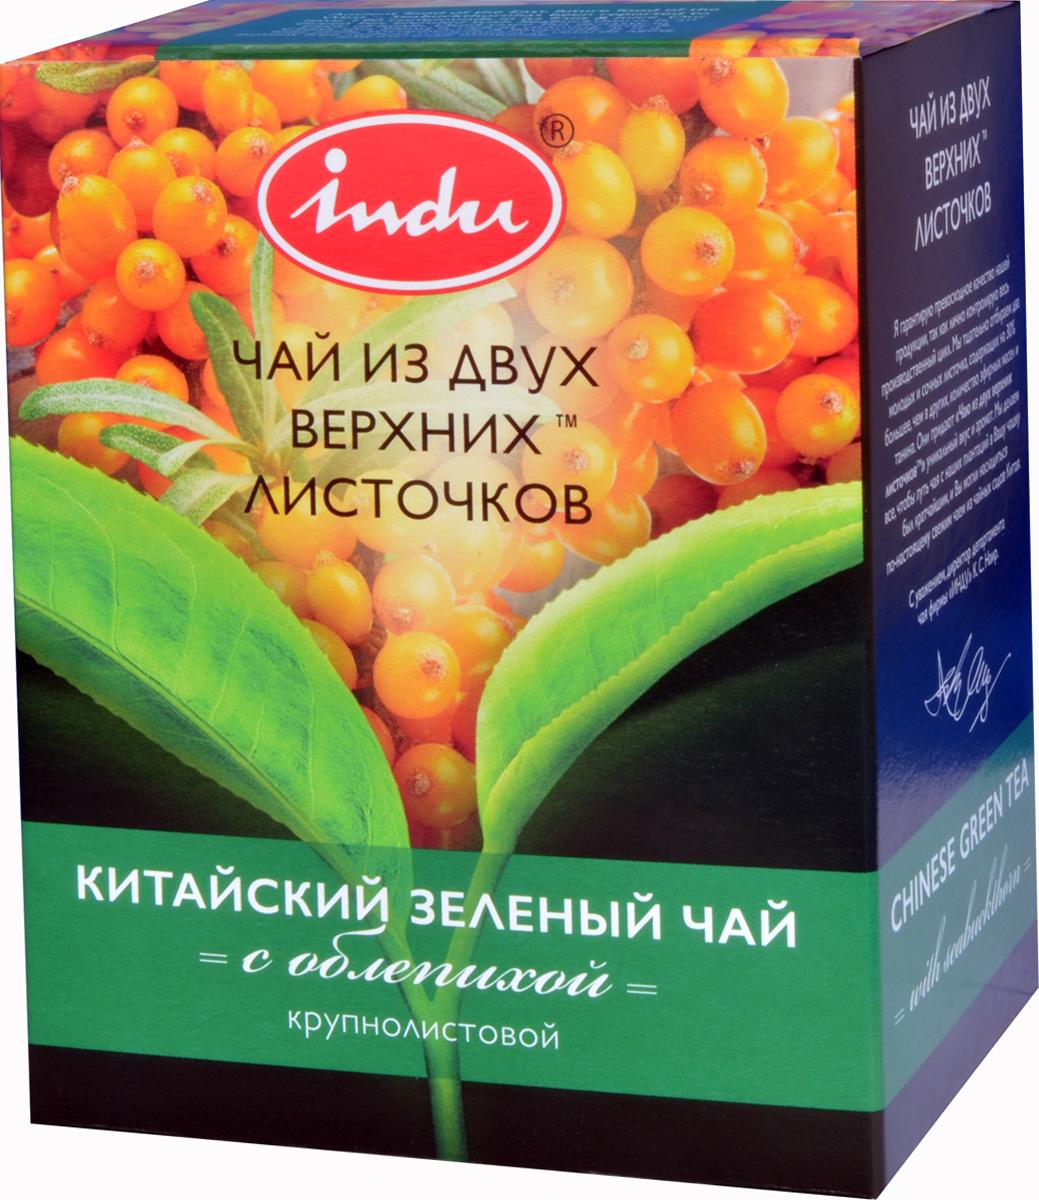 Indu Китайский зеленый листовой чай с облепихой, 90 гTTL-GCH-193Чудодейственная смесь китайского зеленого чая и облепихи - эликсир здоровья, который издревле известен на Востоке. Целебные свойства облепихи впервые описаны в Китае во времена династии Тан. Эта ягода изобилует витаминами, полезными минеральными и органическими соединениями способными предупредить сердечно-сосудистые и онкологические заболевания, замедлить старение.Всё о чае: сорта, факты, советы по выбору и употреблению. Статья OZON Гид